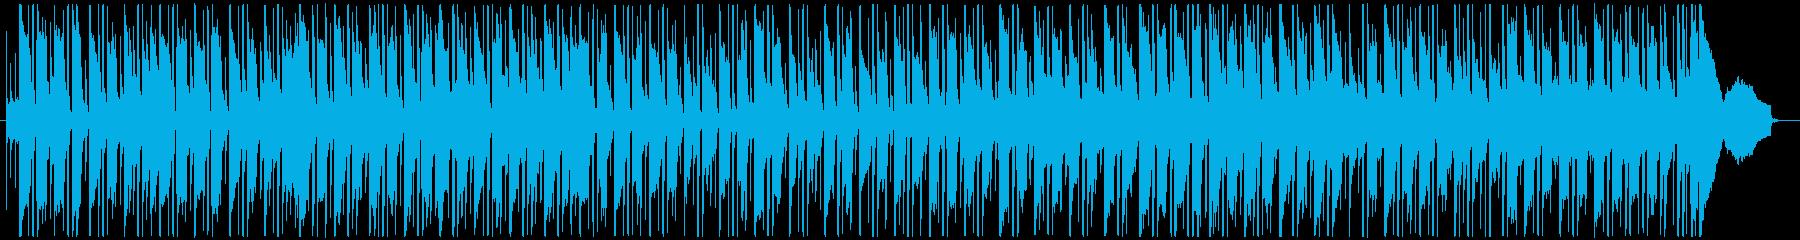 波打ち際 さわやかなボサノバ の再生済みの波形